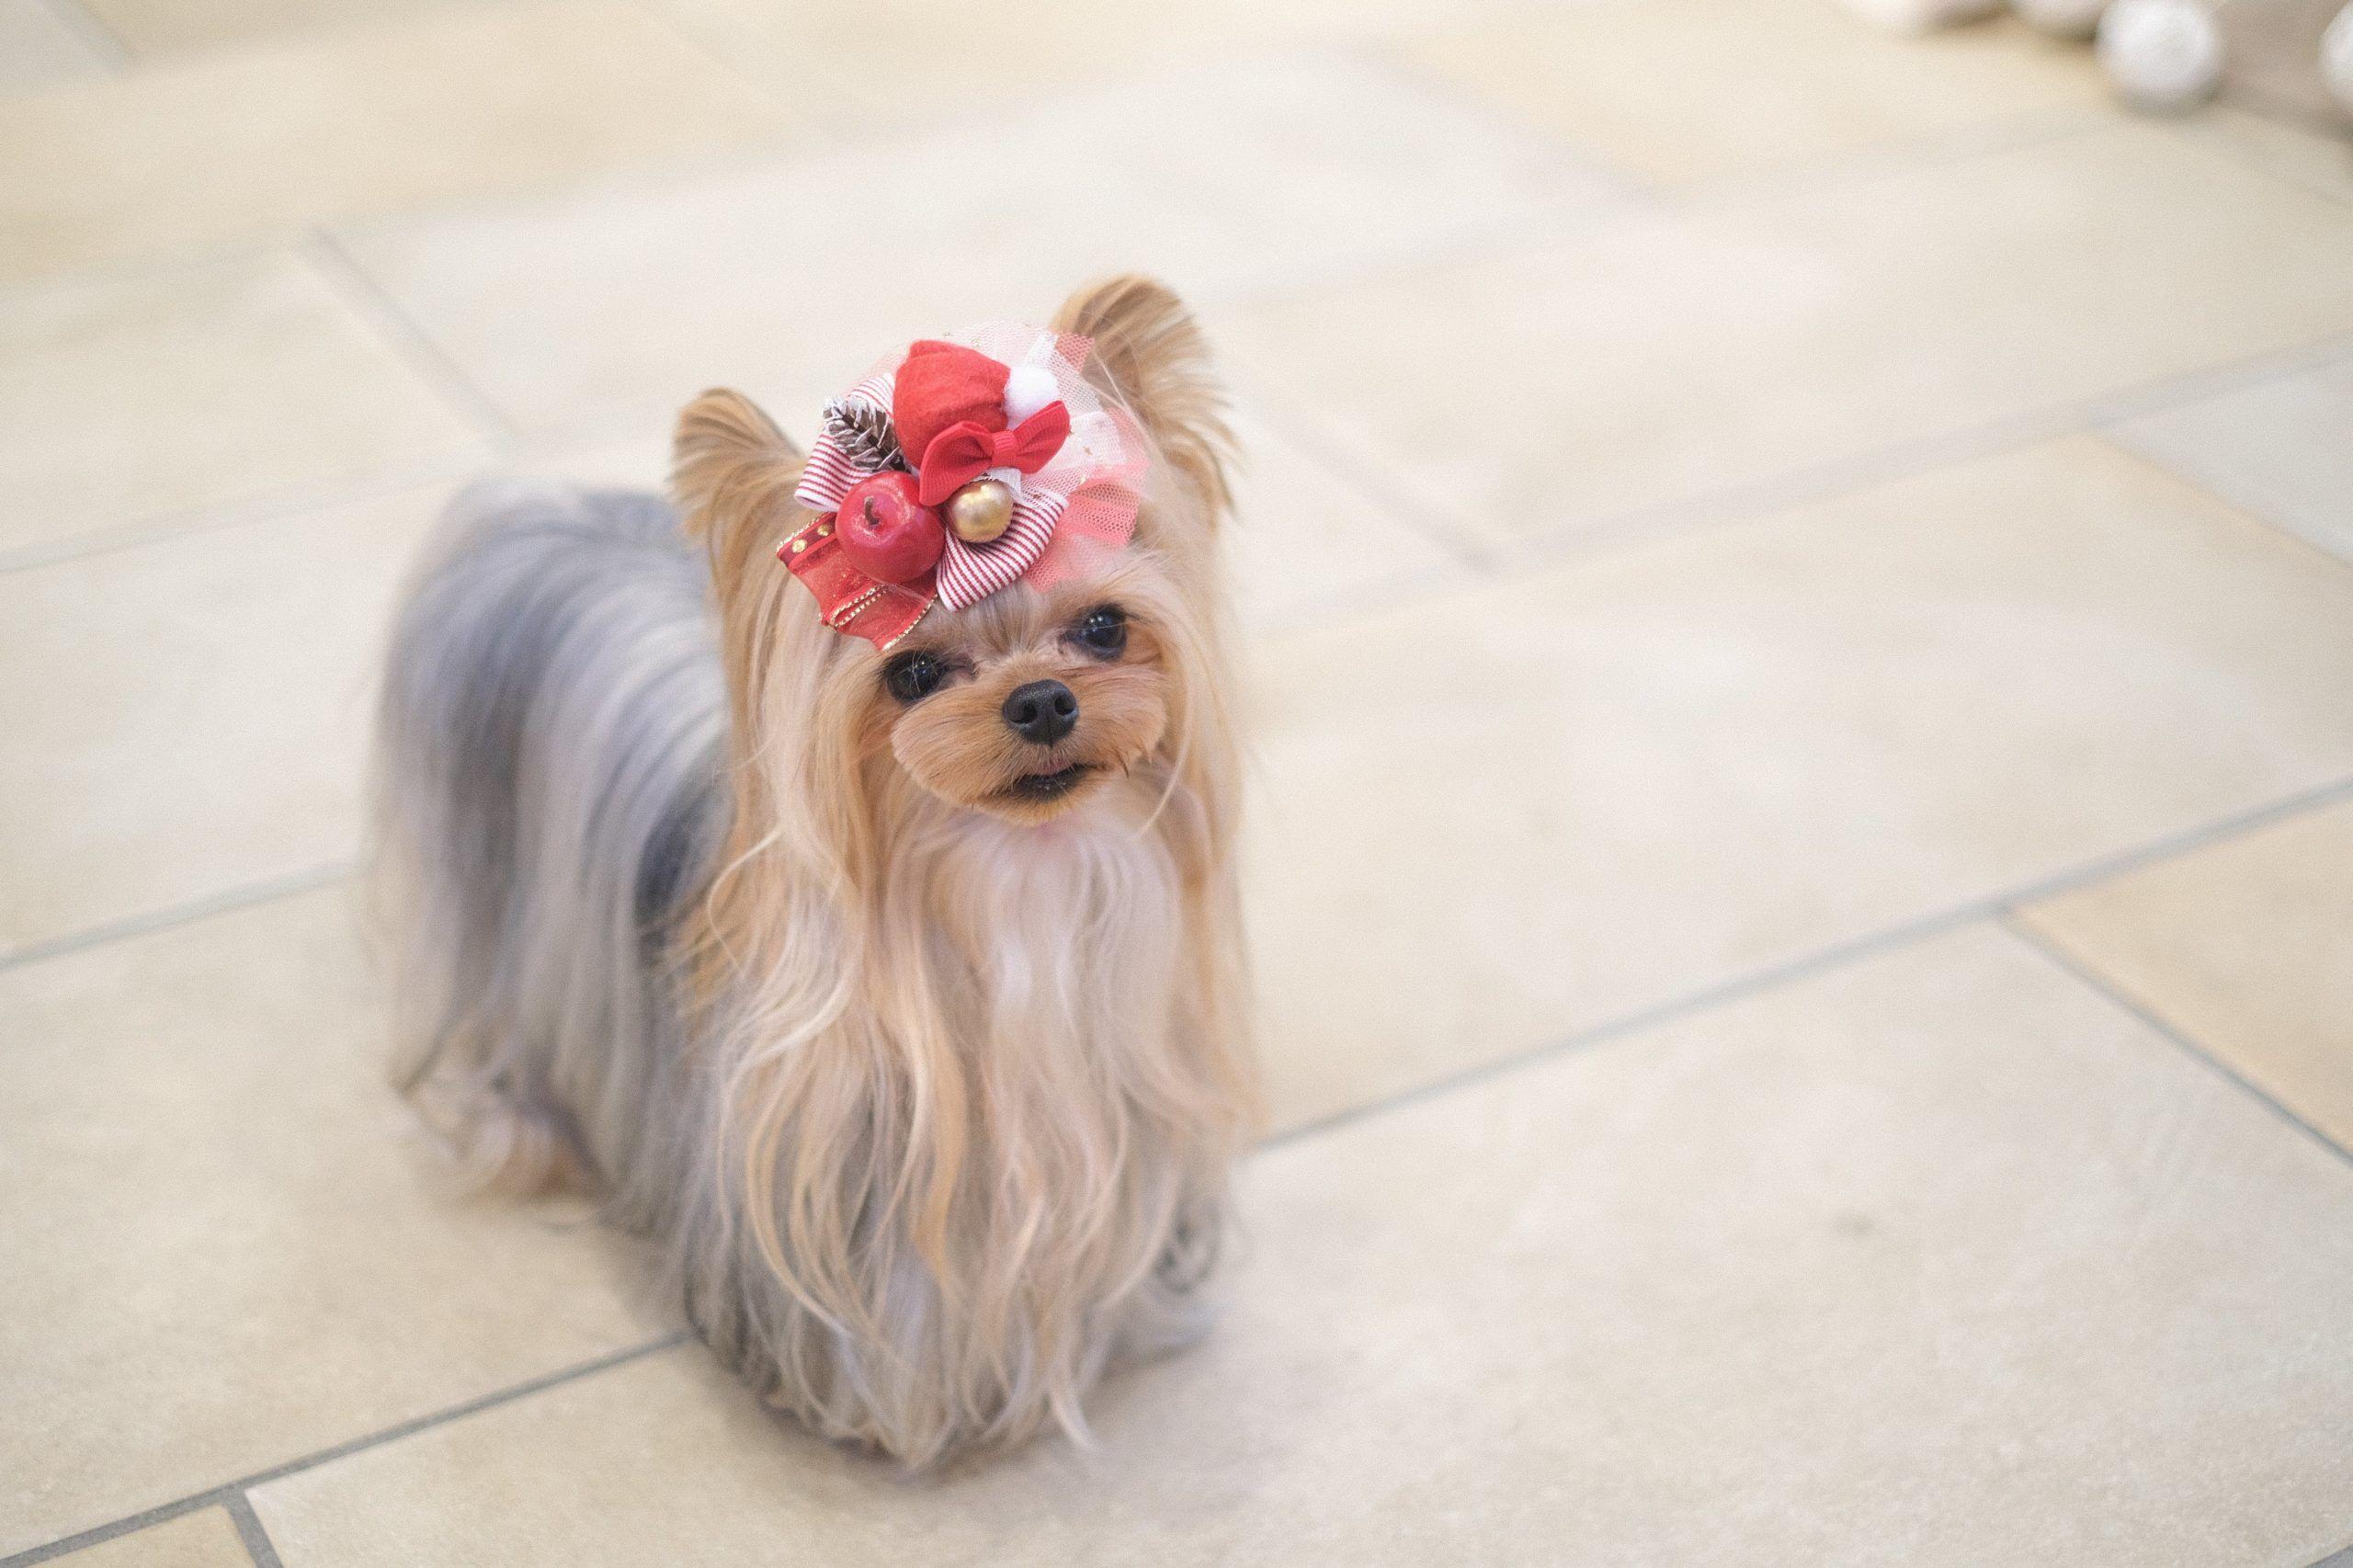 ドッグサロン イソラ そのコらしさを大切に 子犬に優しいトリミング イソラ ヨークシャーテリア ペットサロン